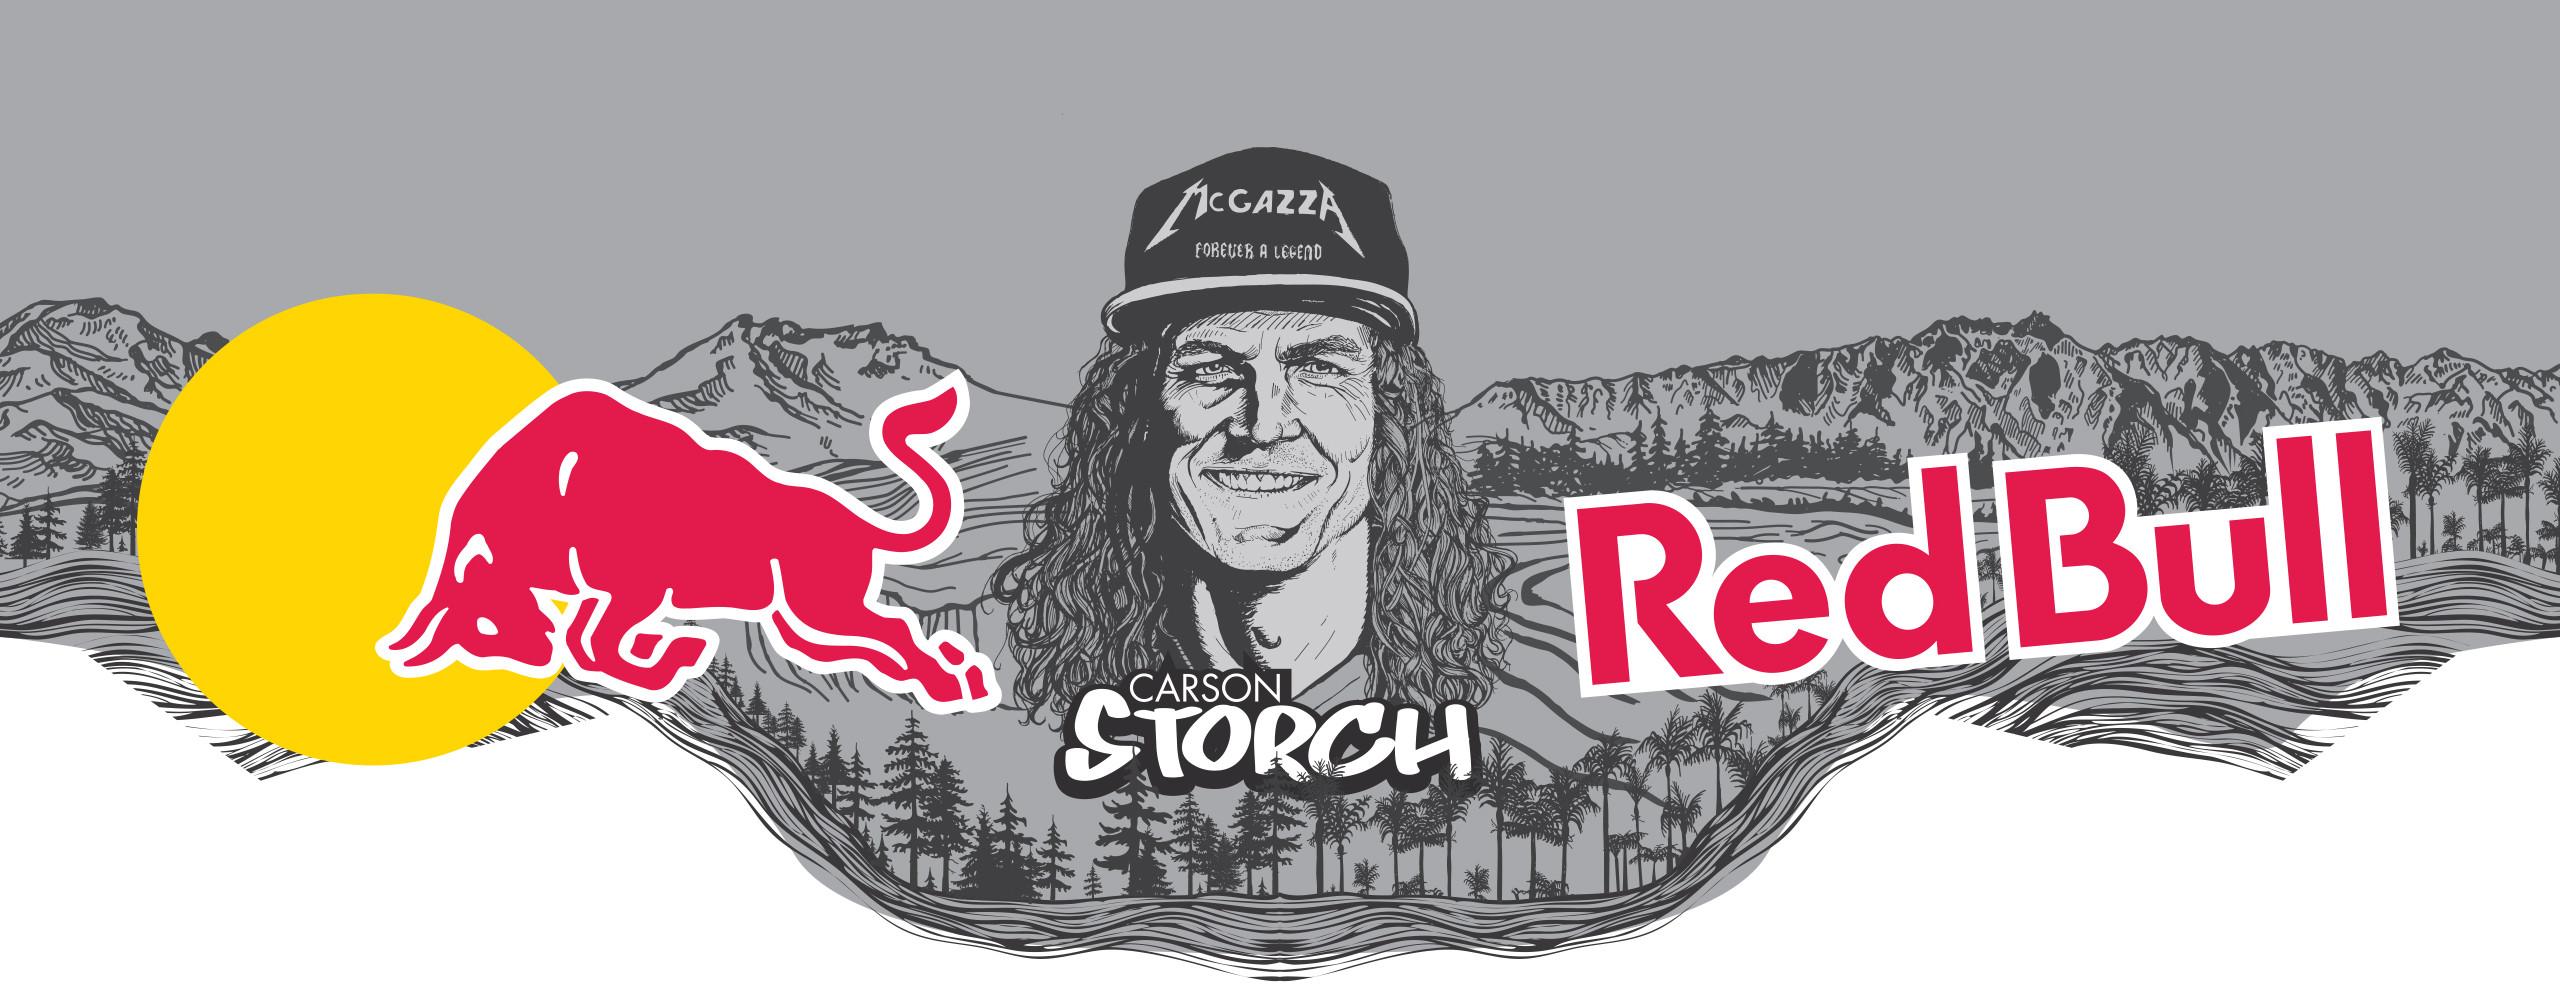 Carson Storch McGazza Helmet